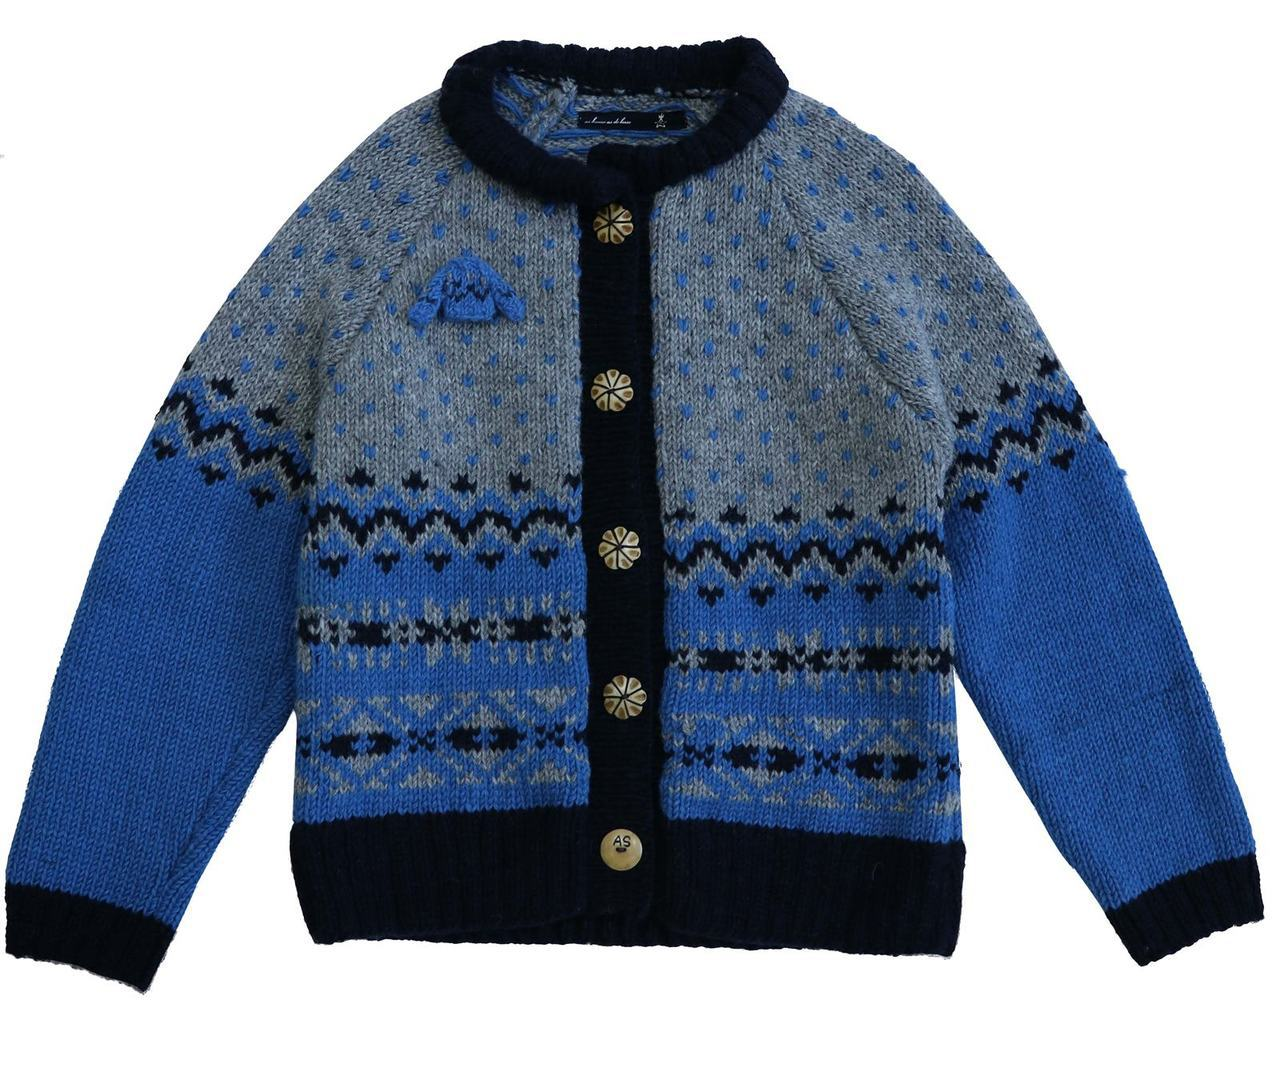 AS KNOW AS Mineme北歐毛衣,9,990元。圖/滿心提供